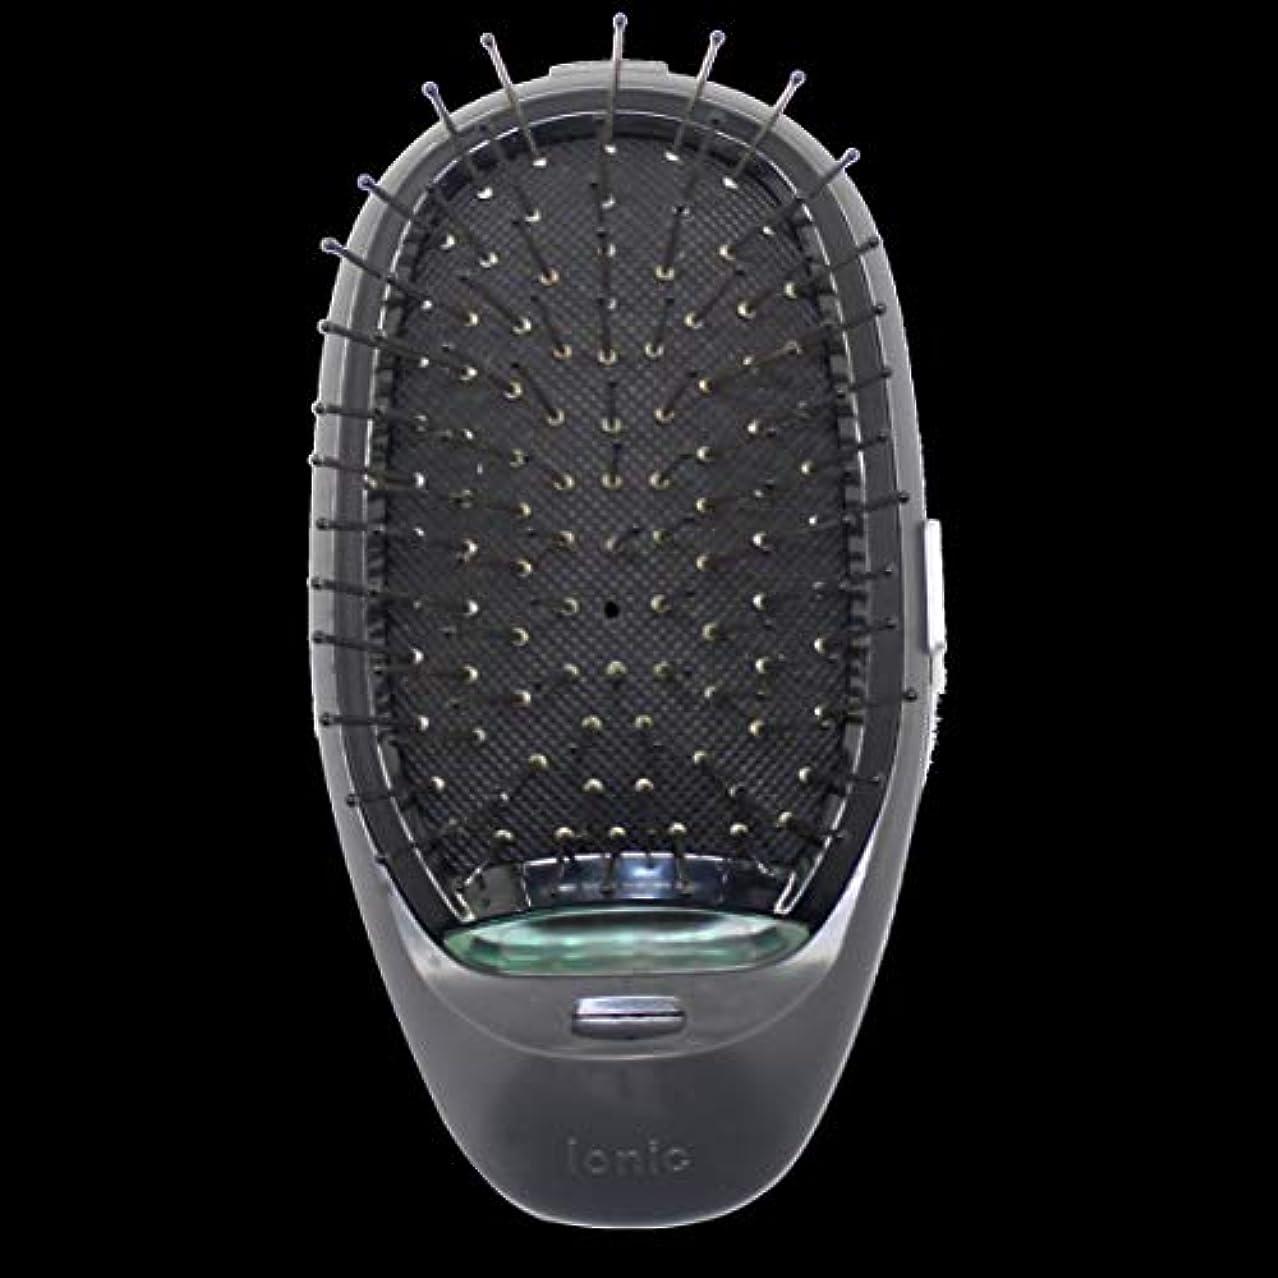 入場料飢保有者電動マッサージヘアブラシミニマイナスイオンヘアコム3Dインフレータブルコーム帯電防止ガールズヘアブラシ電池式 - ブラック